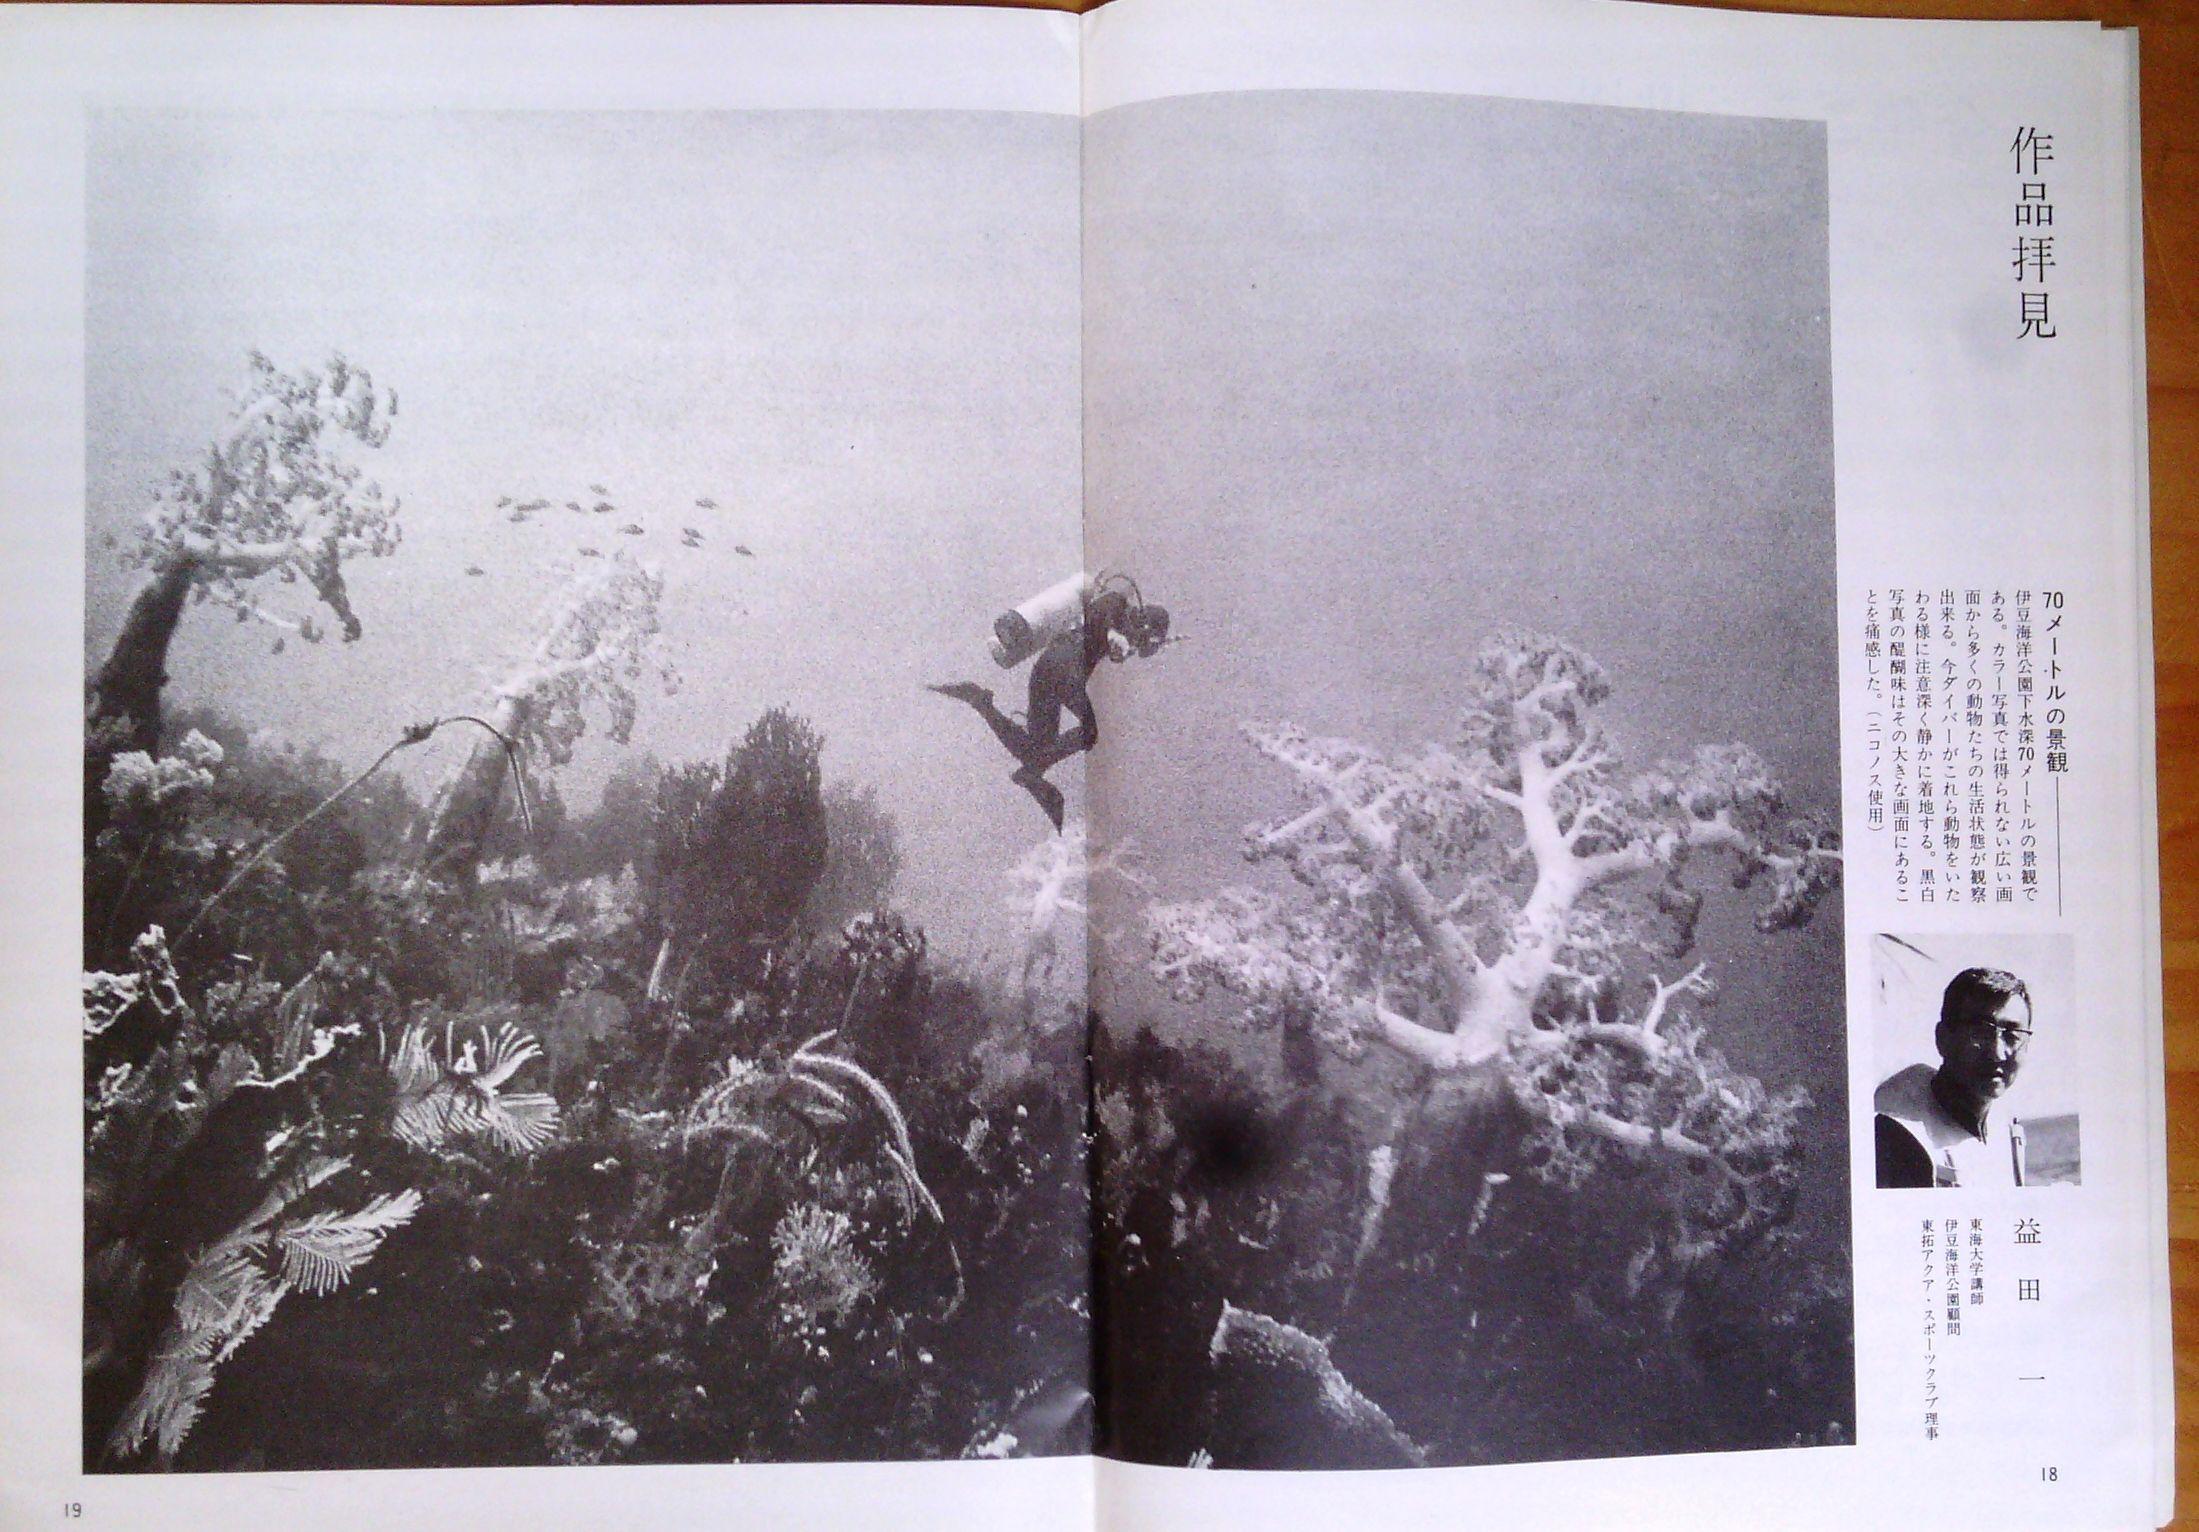 0323  ダイビングの歴史56  マリンダイビング創刊1969_b0075059_14234332.jpg